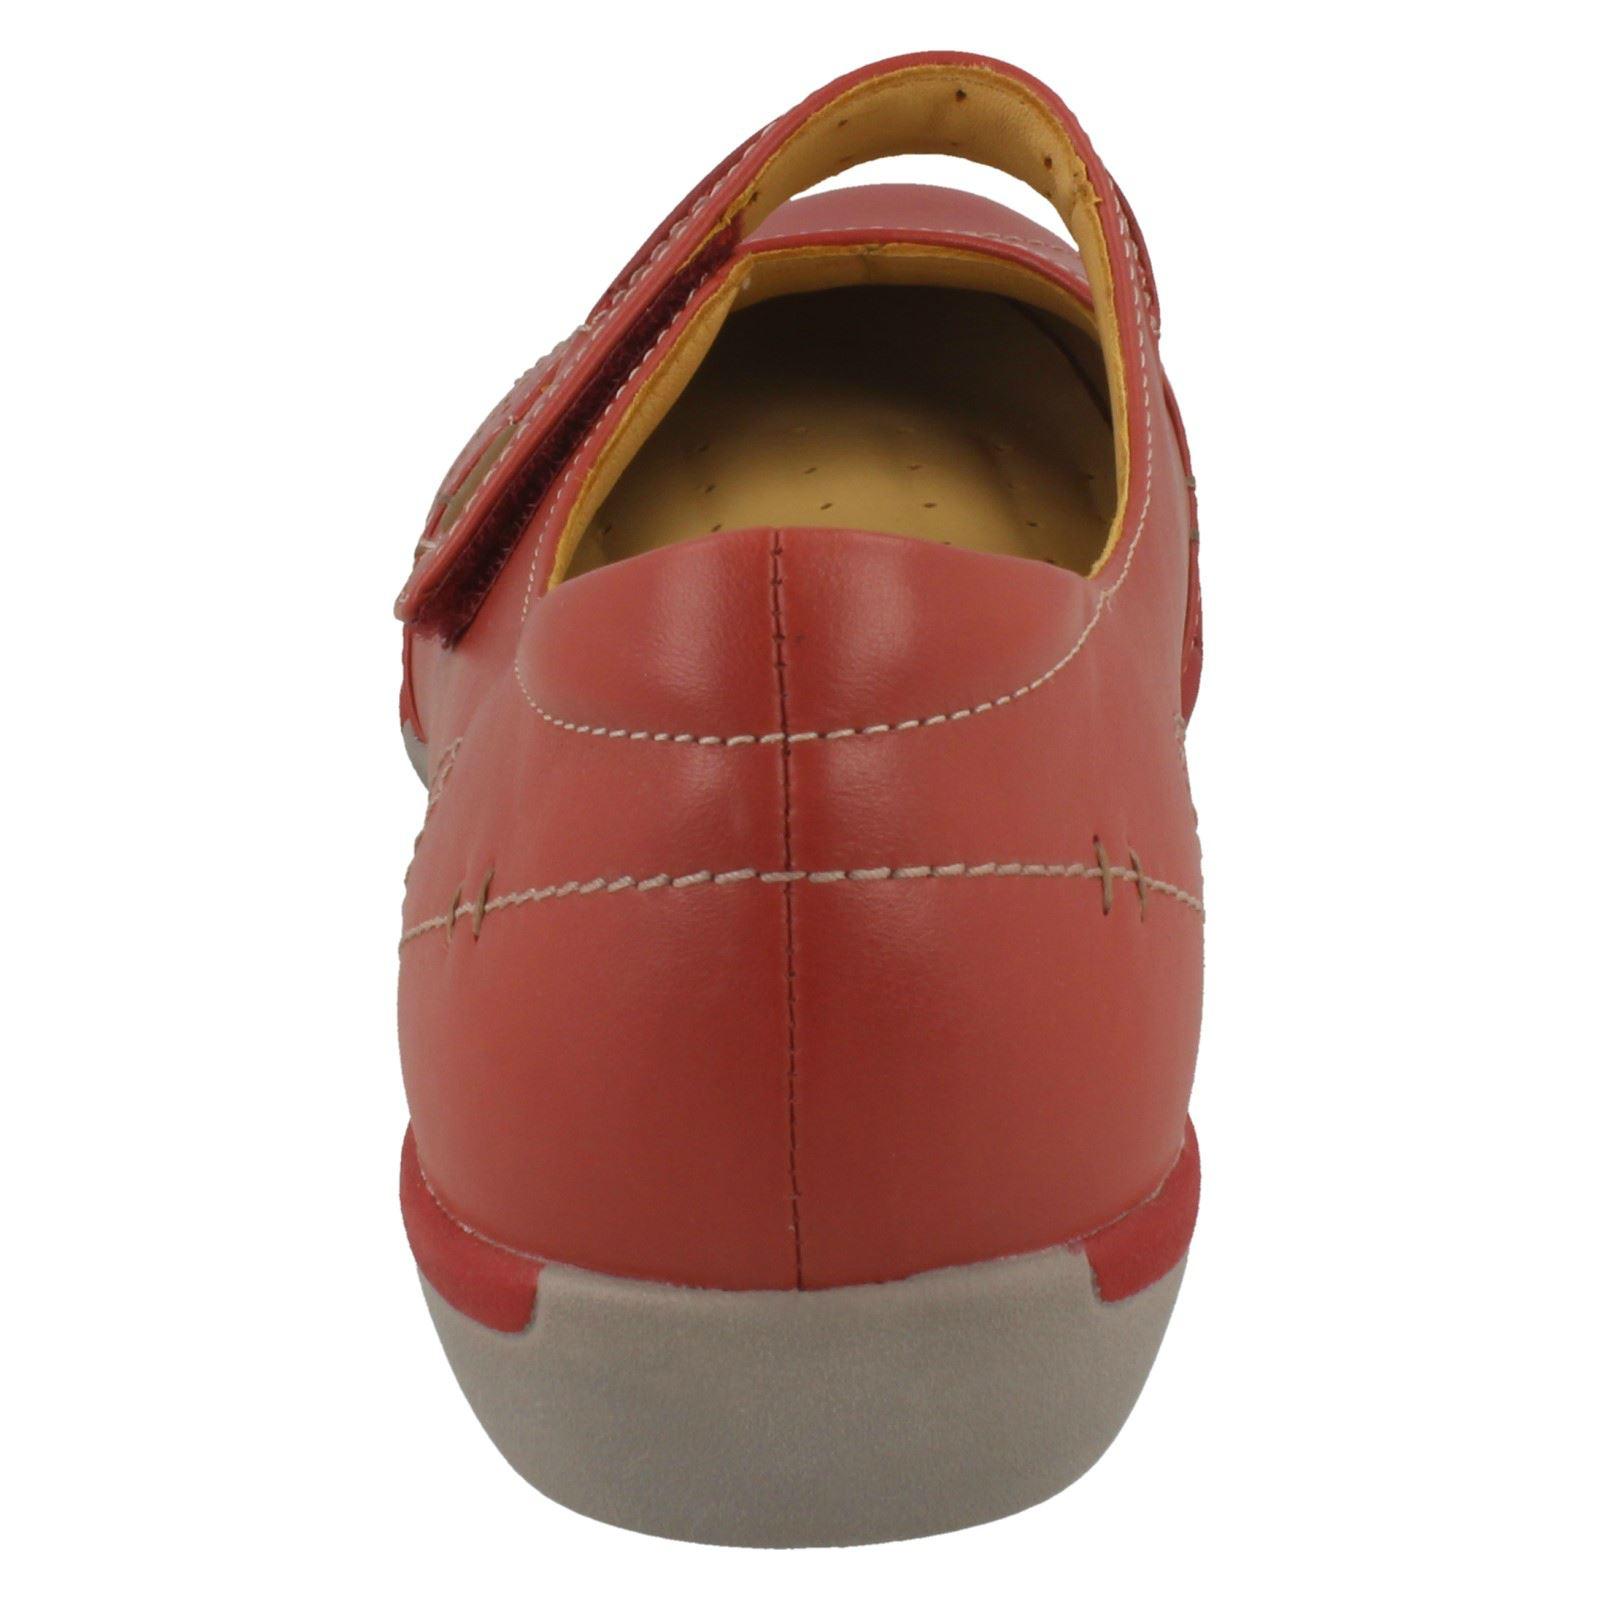 Femmes Clarks Unstructured Plat Chaussures ONU Helma